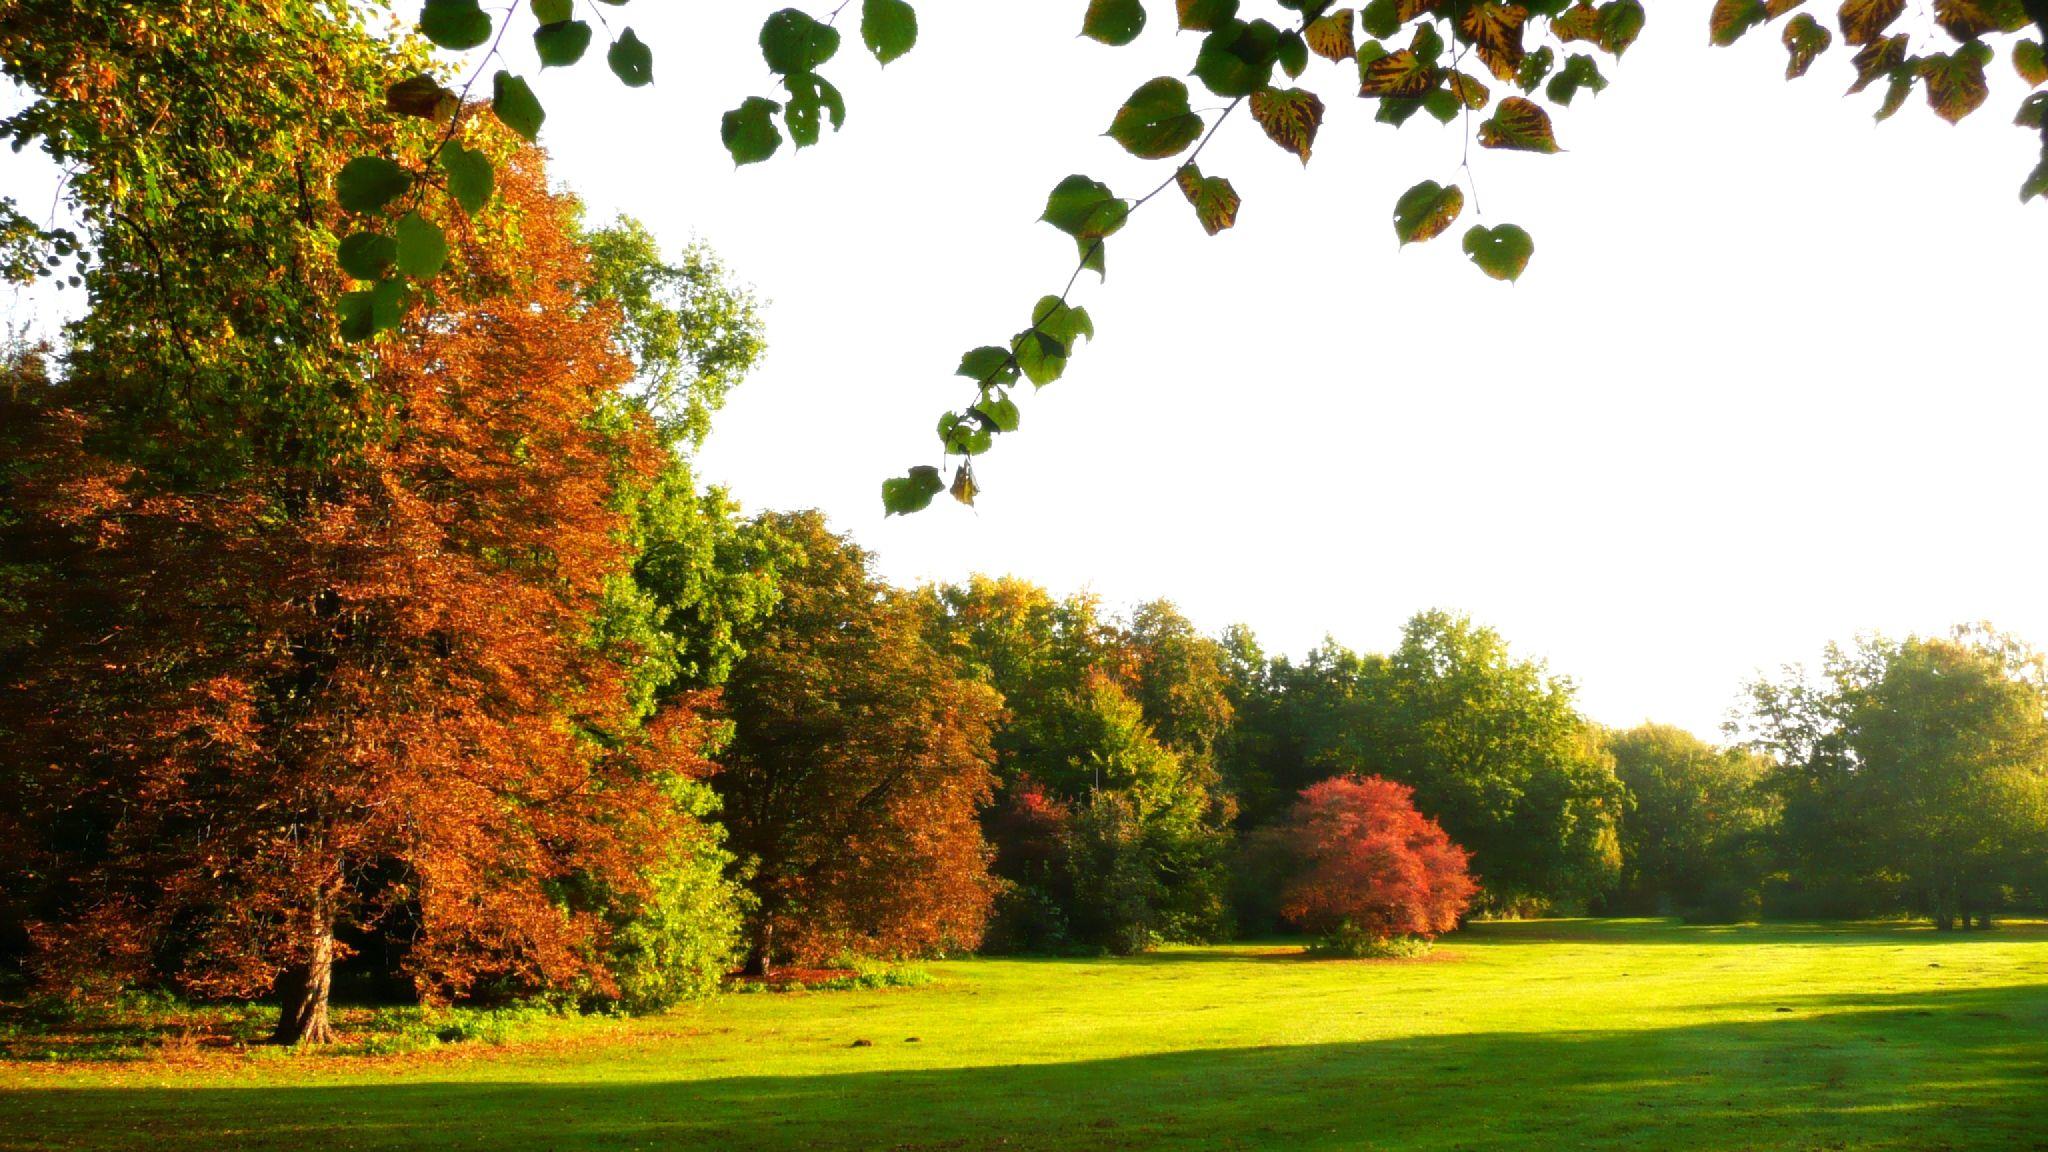 Berlin befindet sich in einer gemäßigten Klimazone (Großer Tiergarten im Oktober).